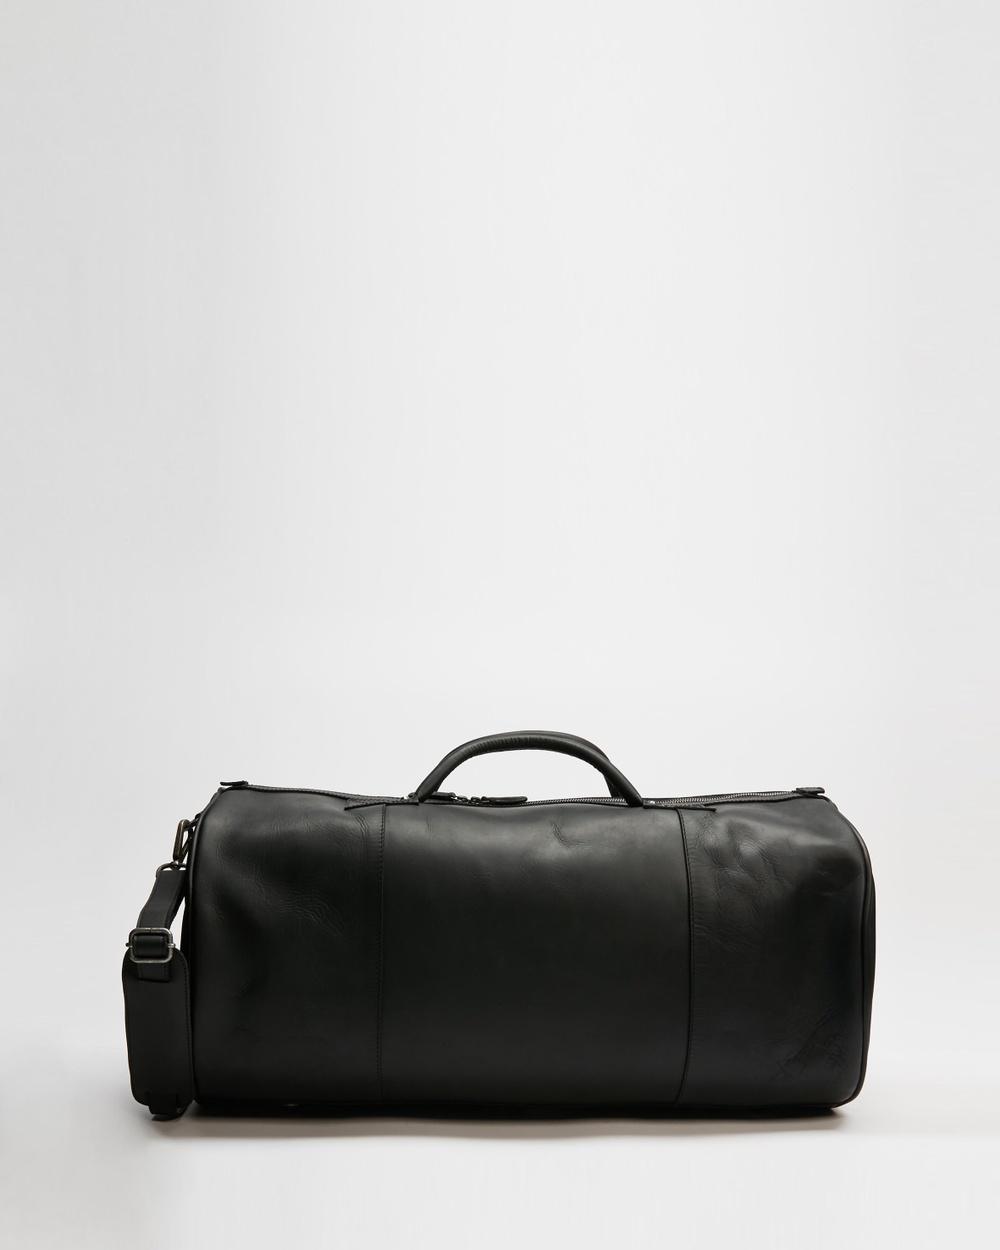 AERE Leather Weekender Duffle Bags Black